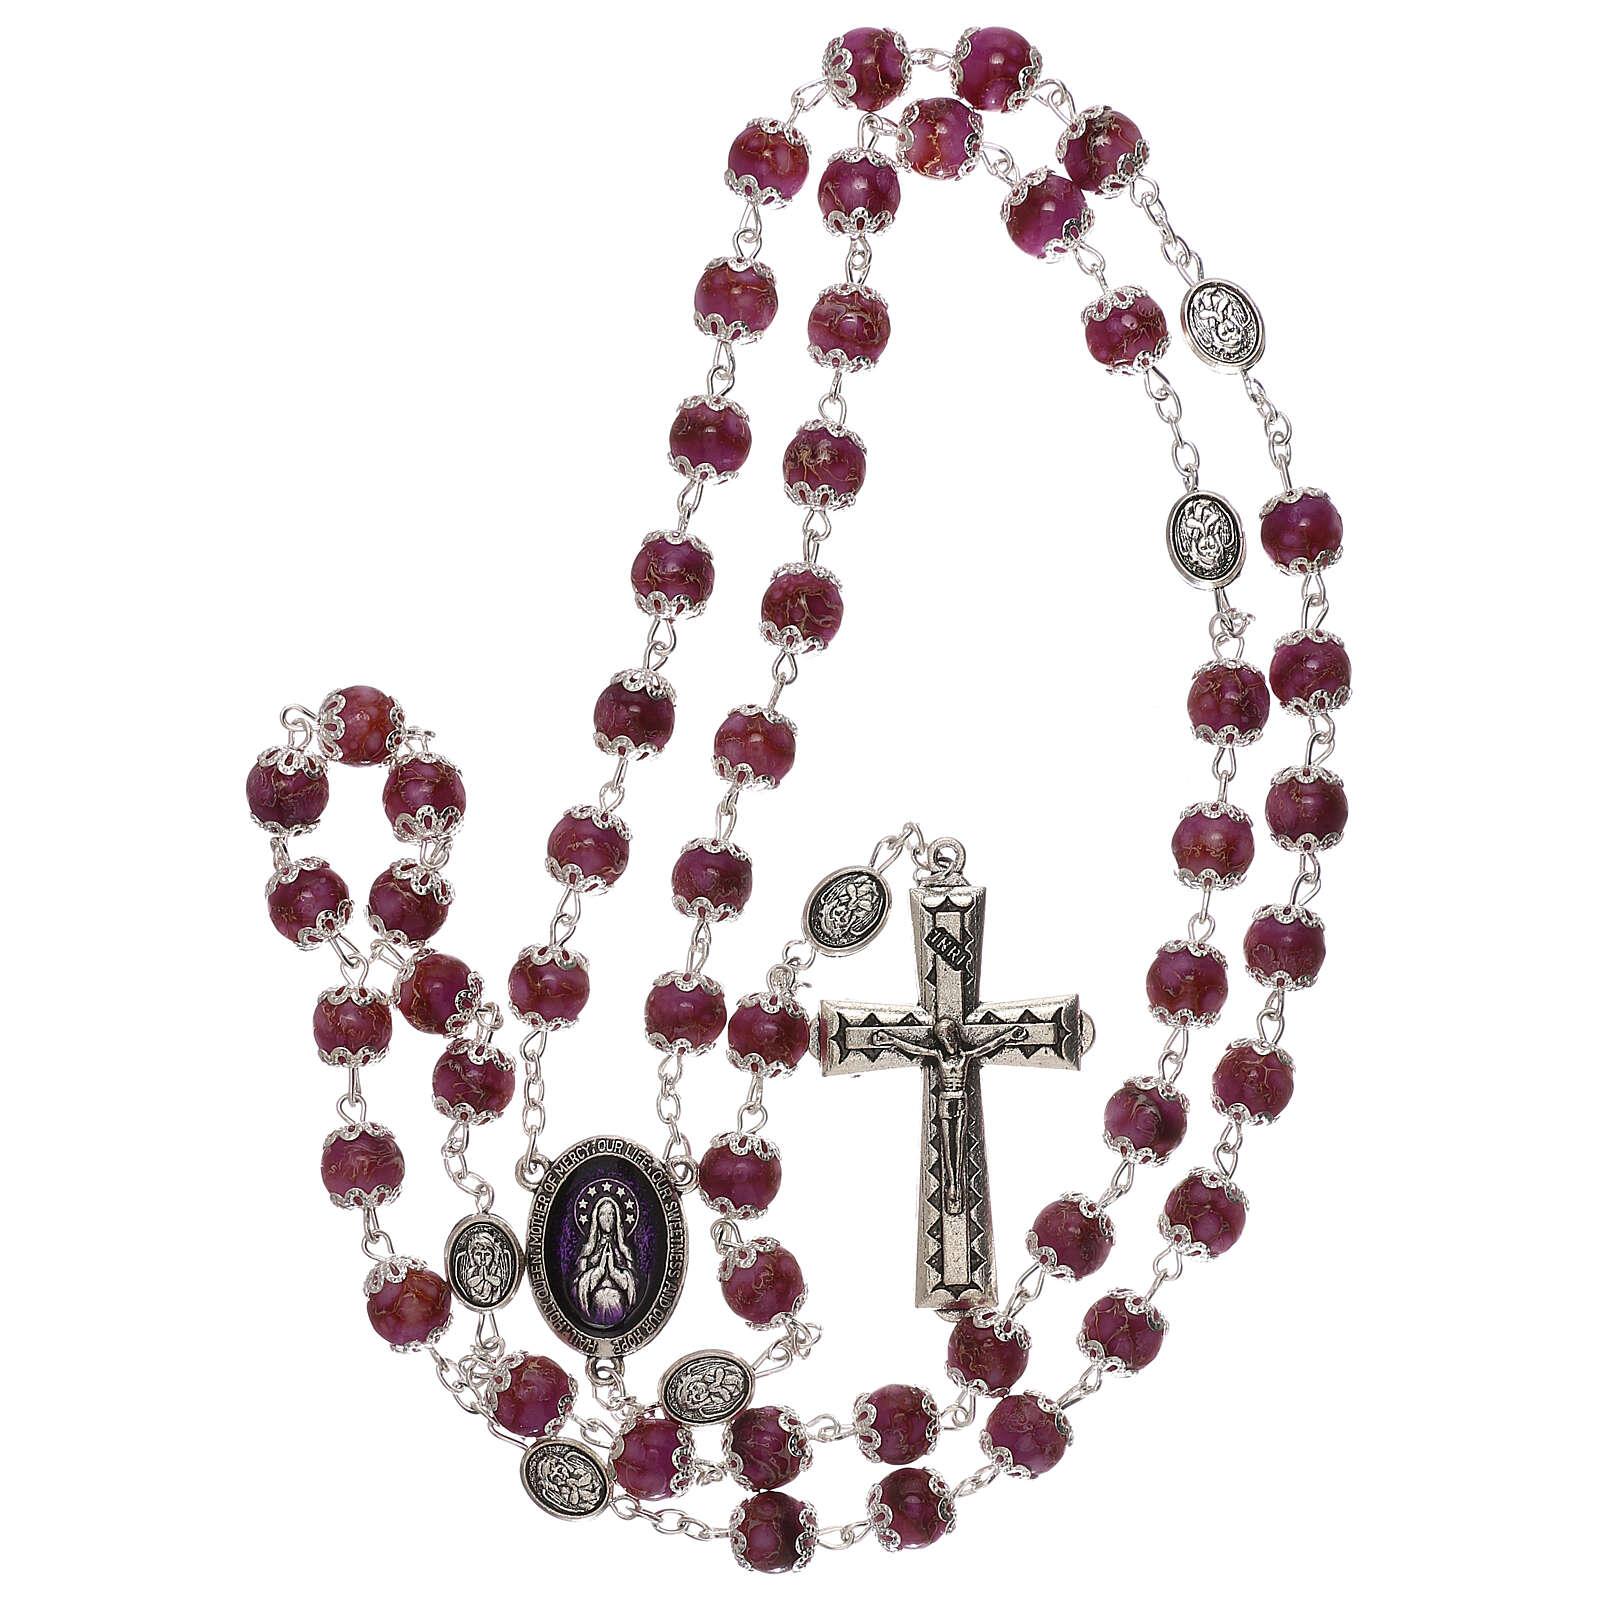 Rosario Virgen que reza vidrio violeta 6 mm 4